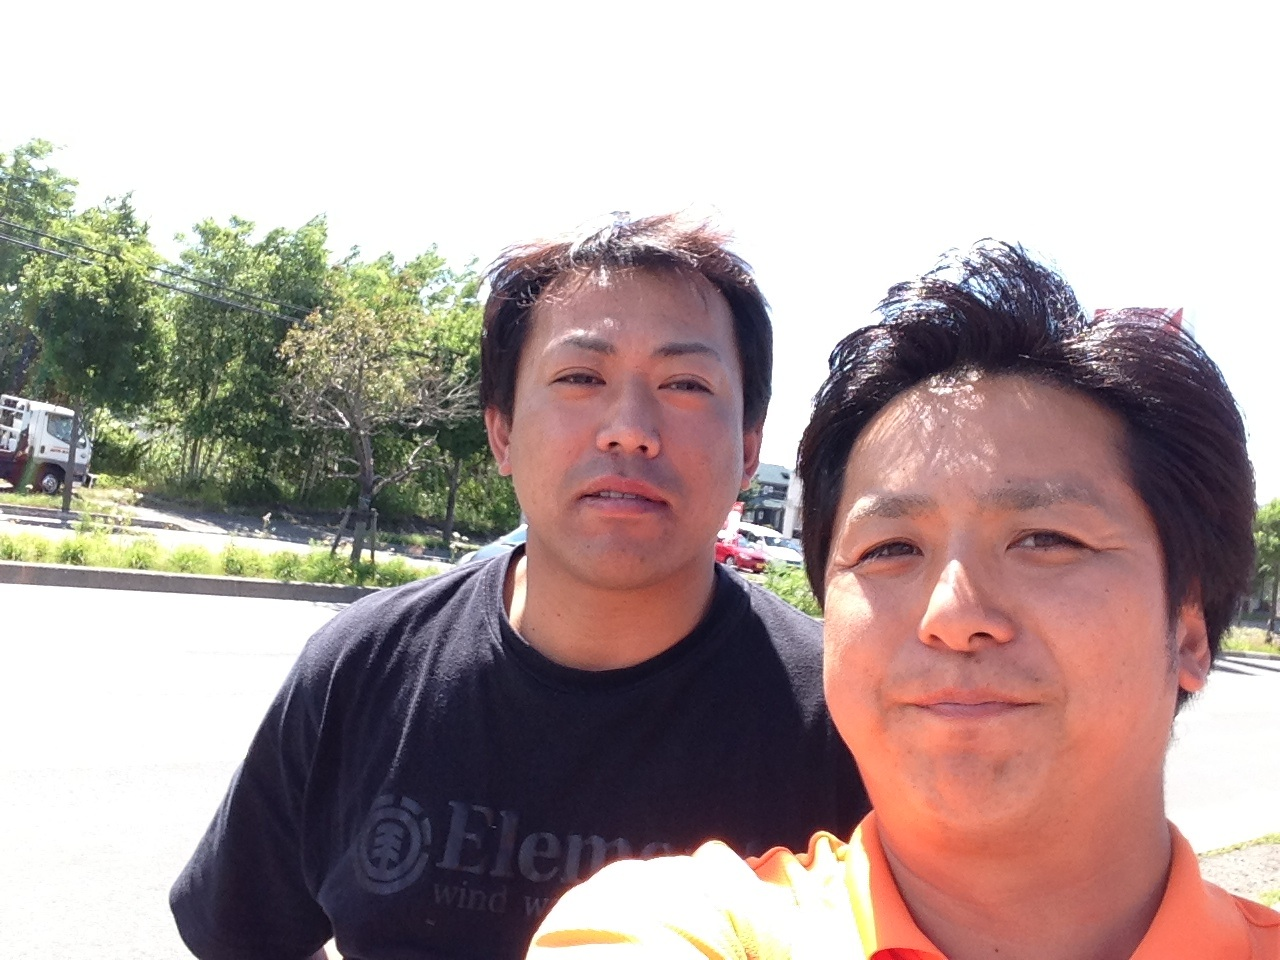 ランクル TOMMY 2013 7月ダイジェスト総編集NO2 クマブログ_b0127002_19255896.jpg